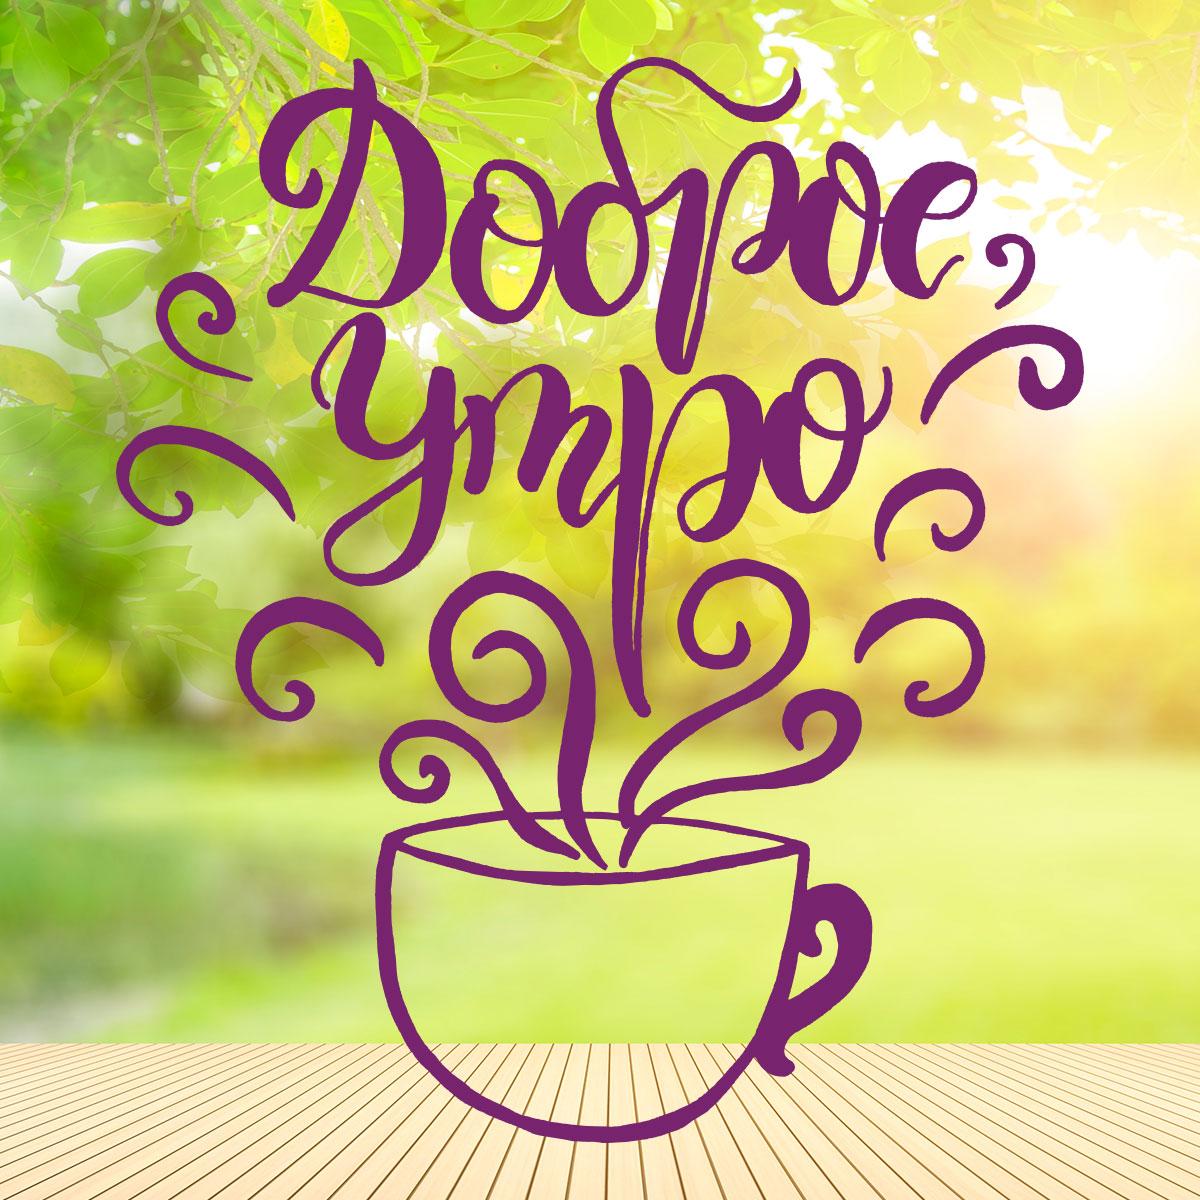 Фото с текстом доброе утро на размытом жёлто - зелёном пейзаже с деревьями